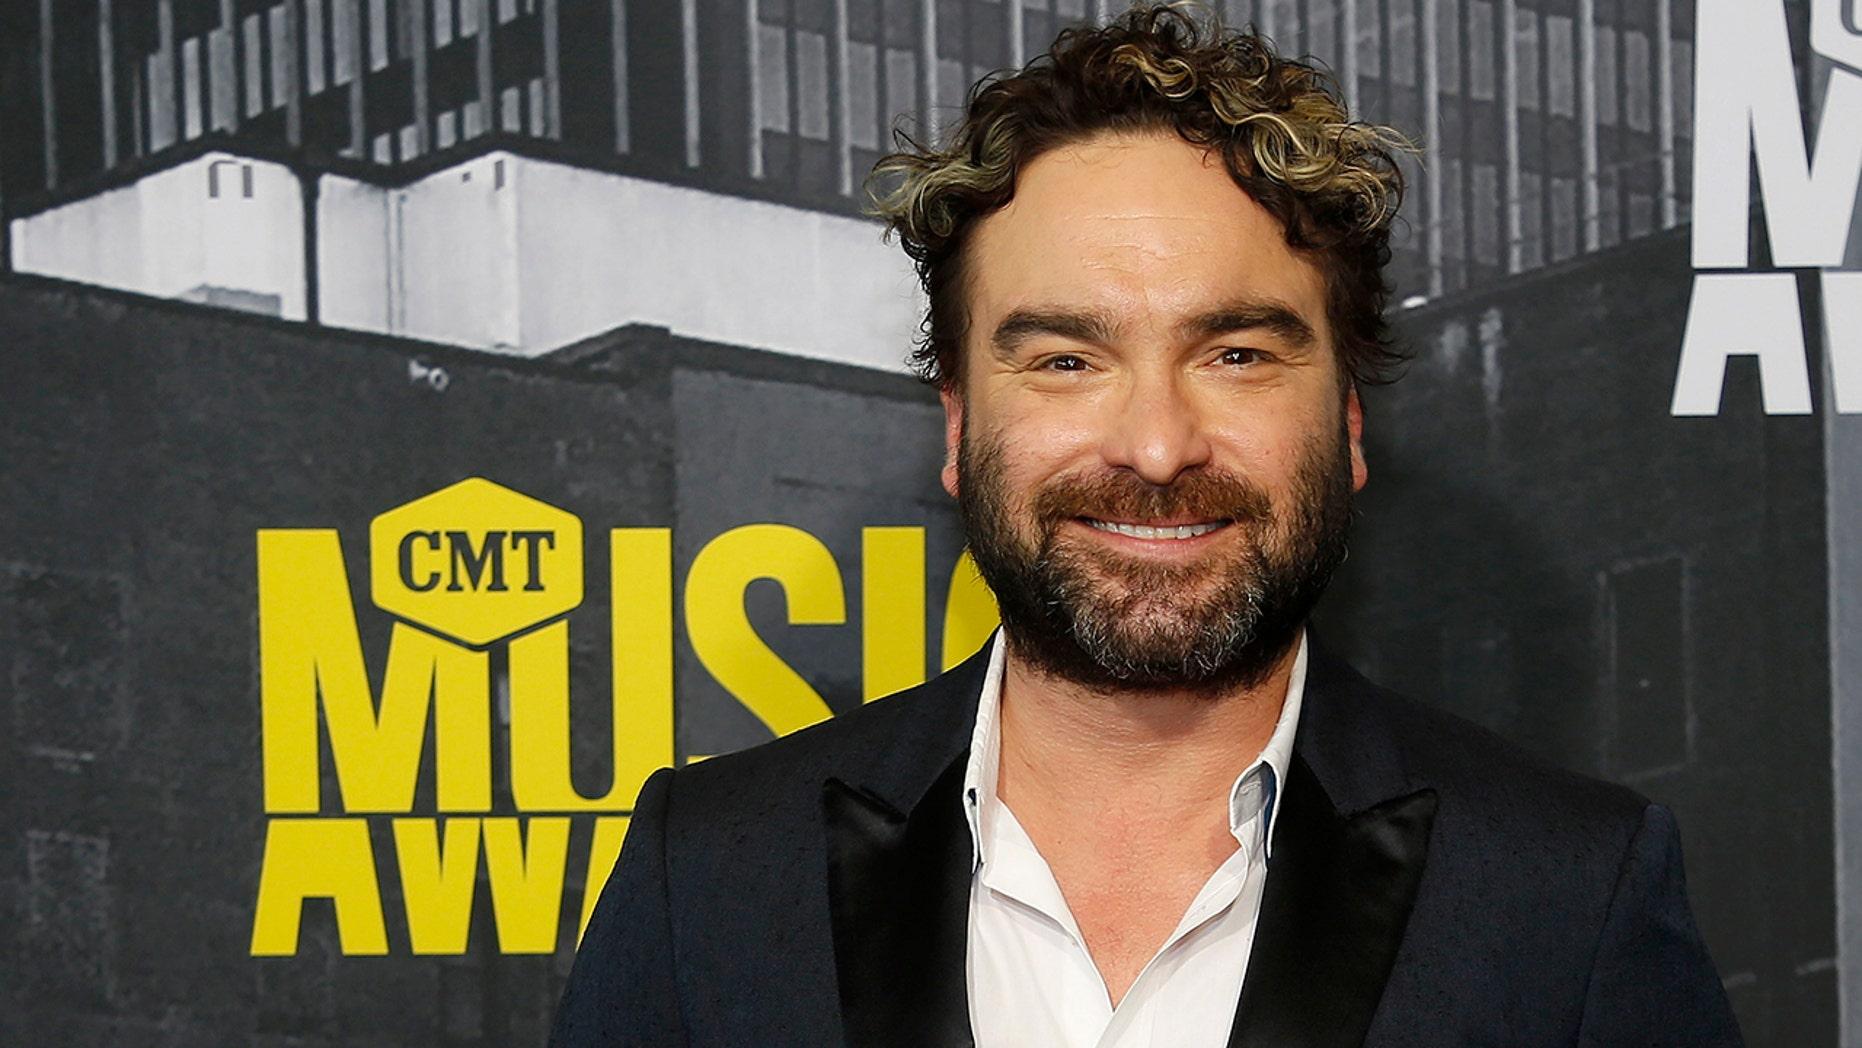 2017 CMT Music Awards  – Arrivals - Nashville, Tennessee, U.S., 07/06/2017 - Johnny Galecki. REUTERS/Jamie Gilliam - RTX39JK0